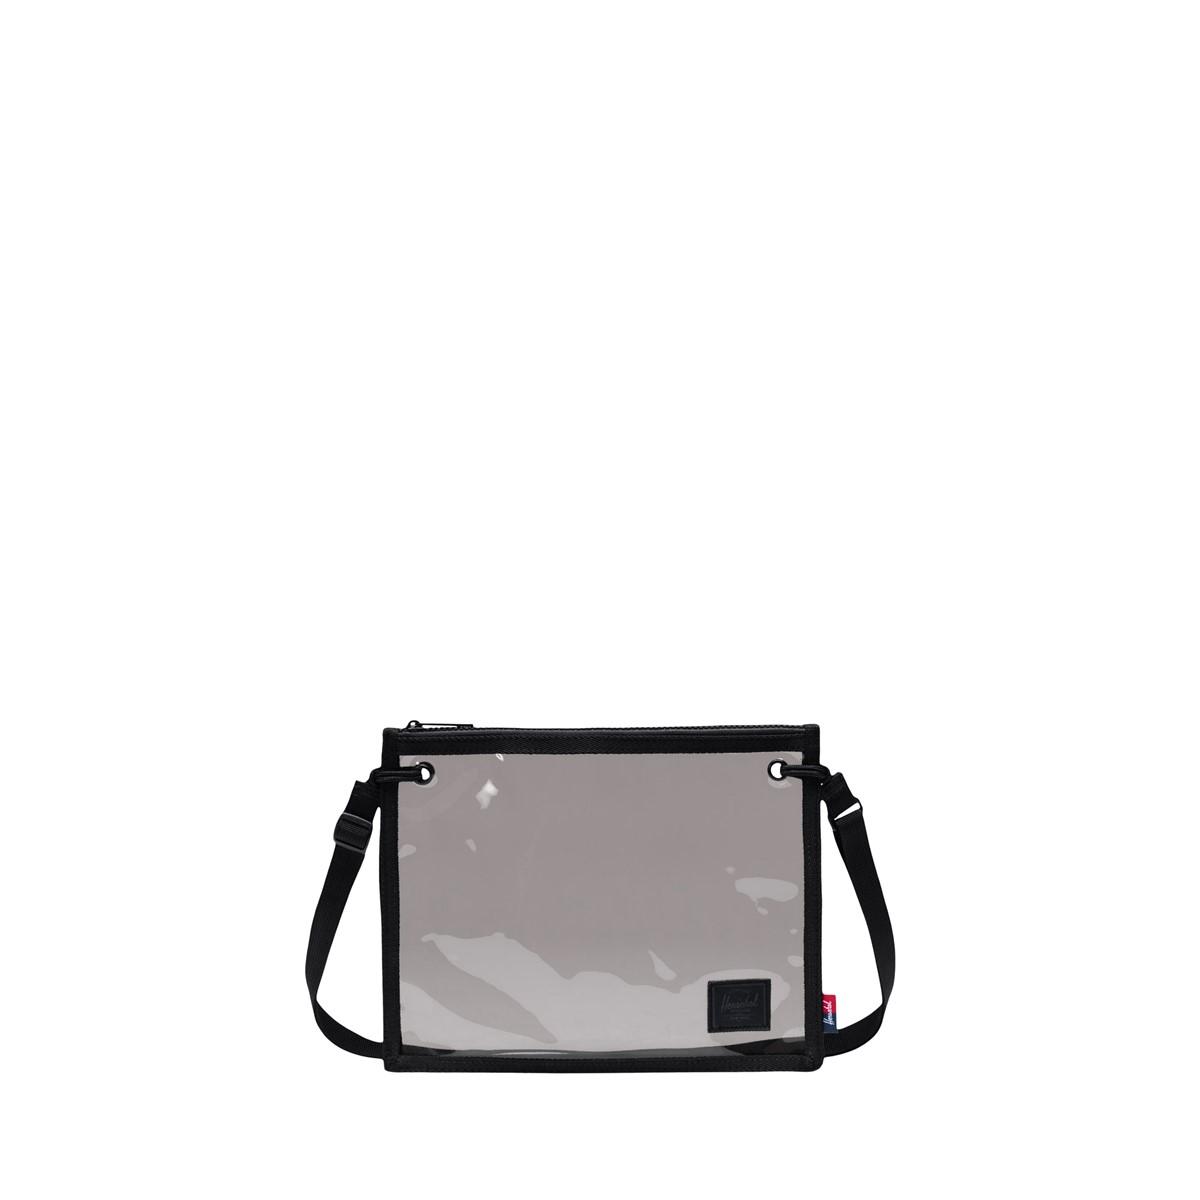 Alder Crossbody Bag in Black